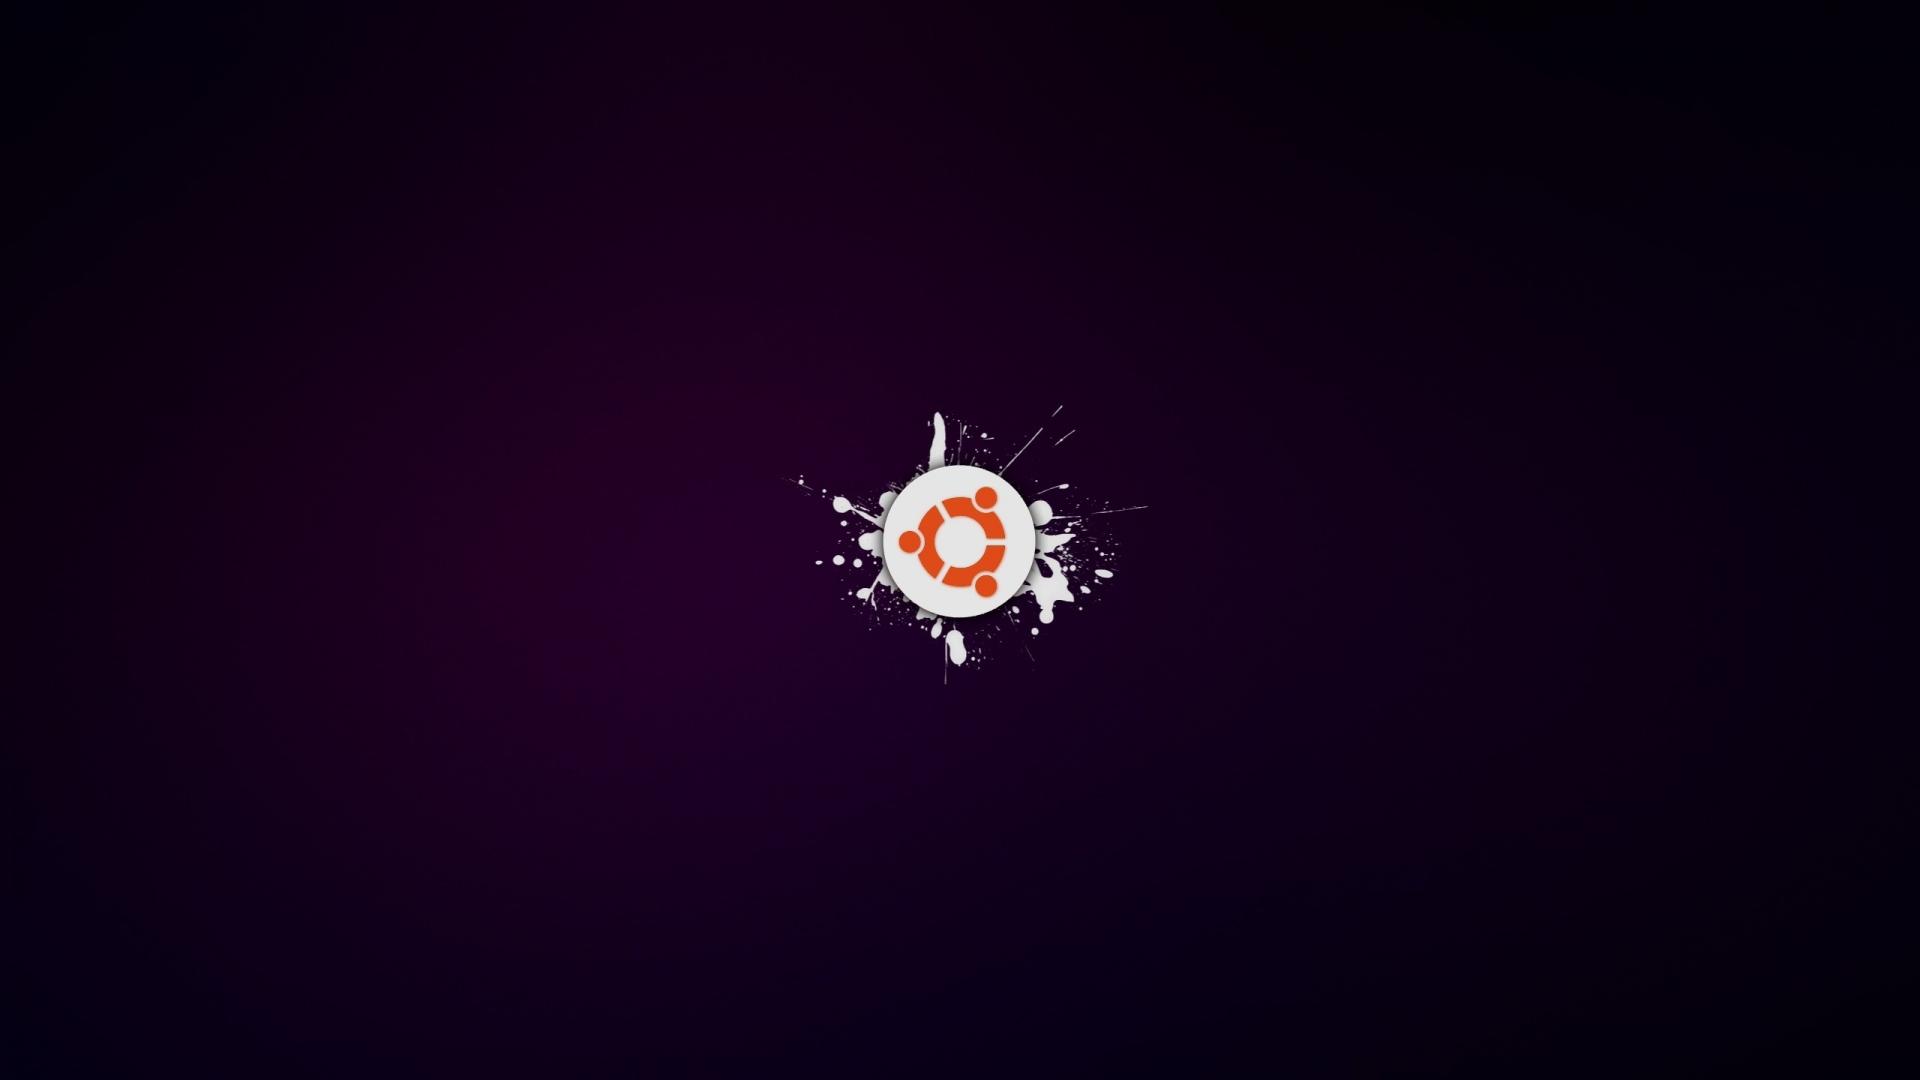 Ubuntu Wallpaper For Pc